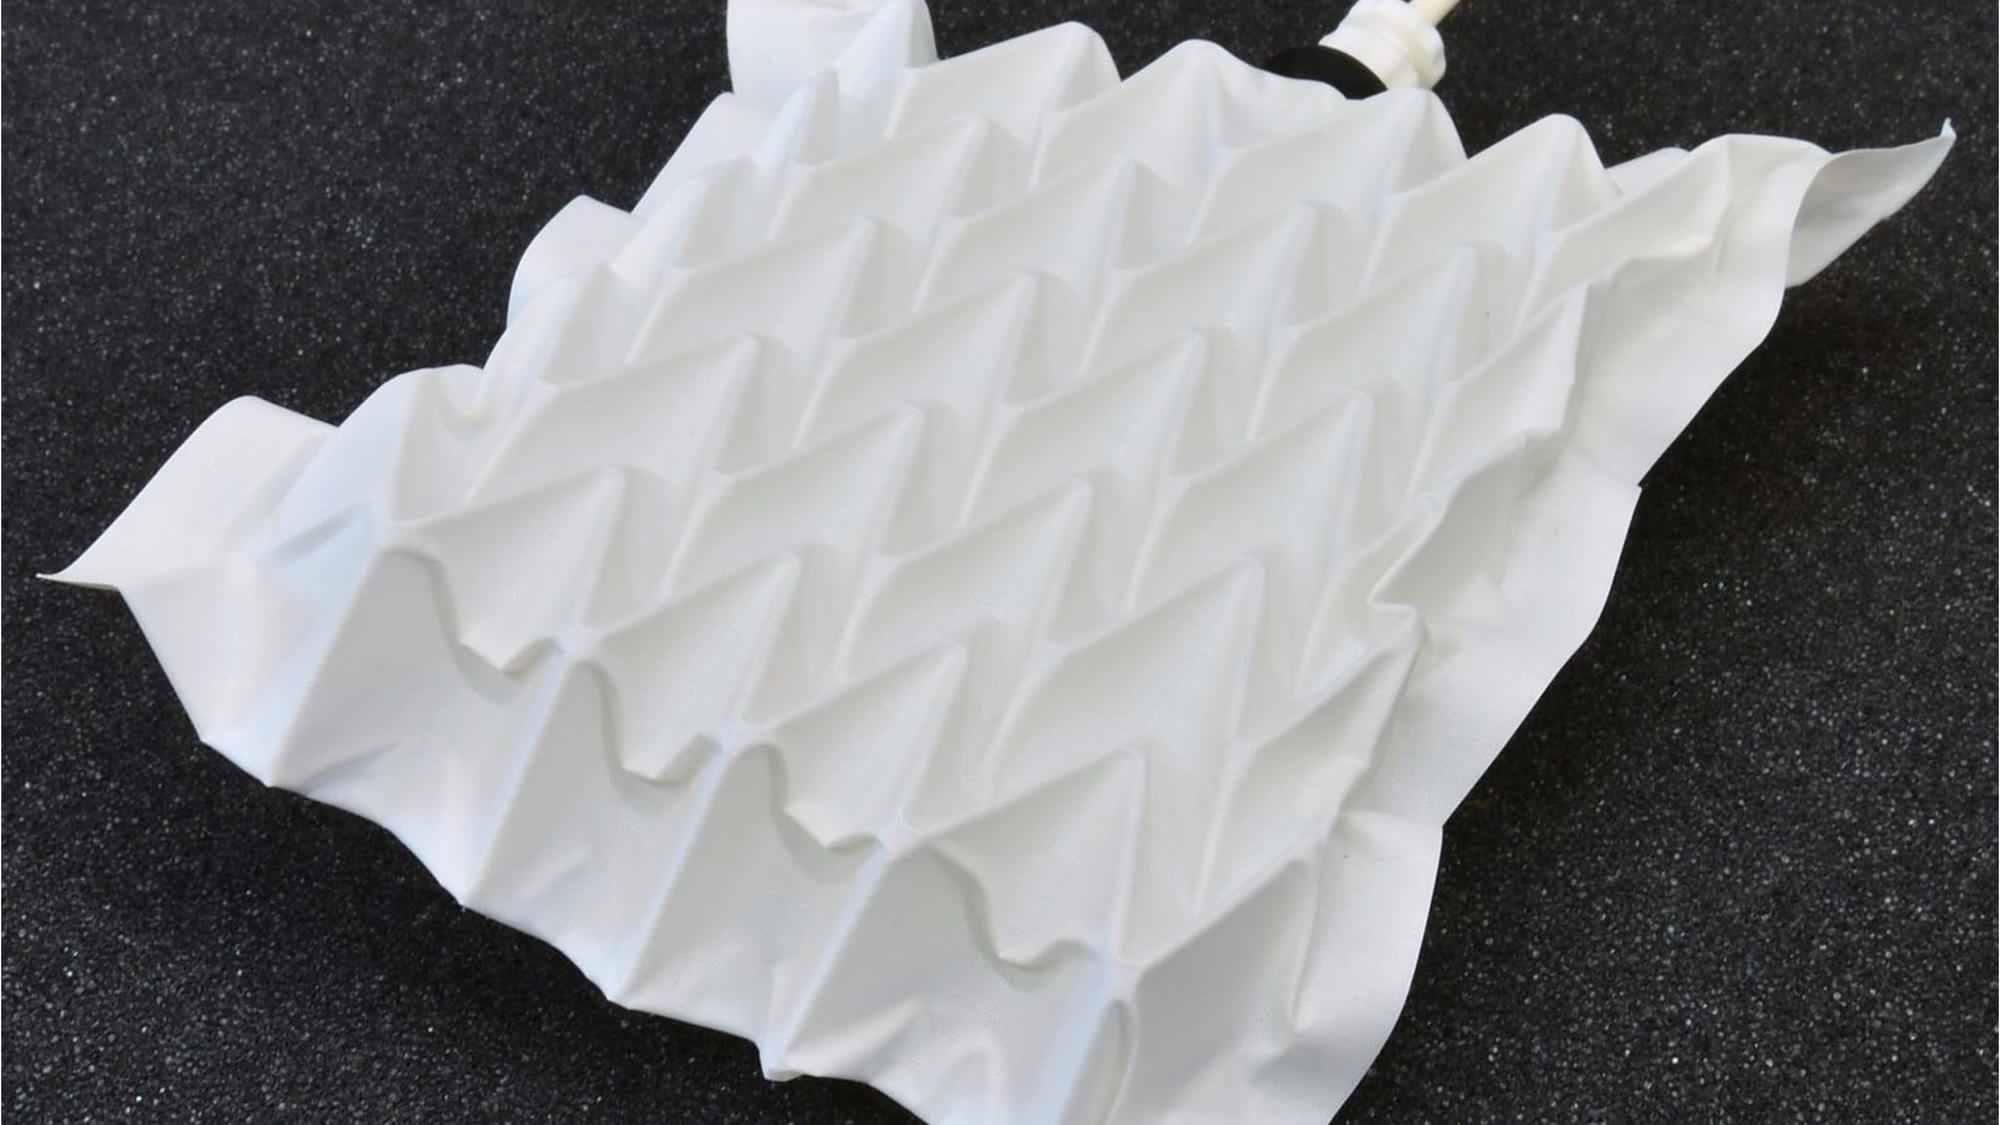 Científicos Usaron el Origami como Inspiración para Construir un Músculo Artificial